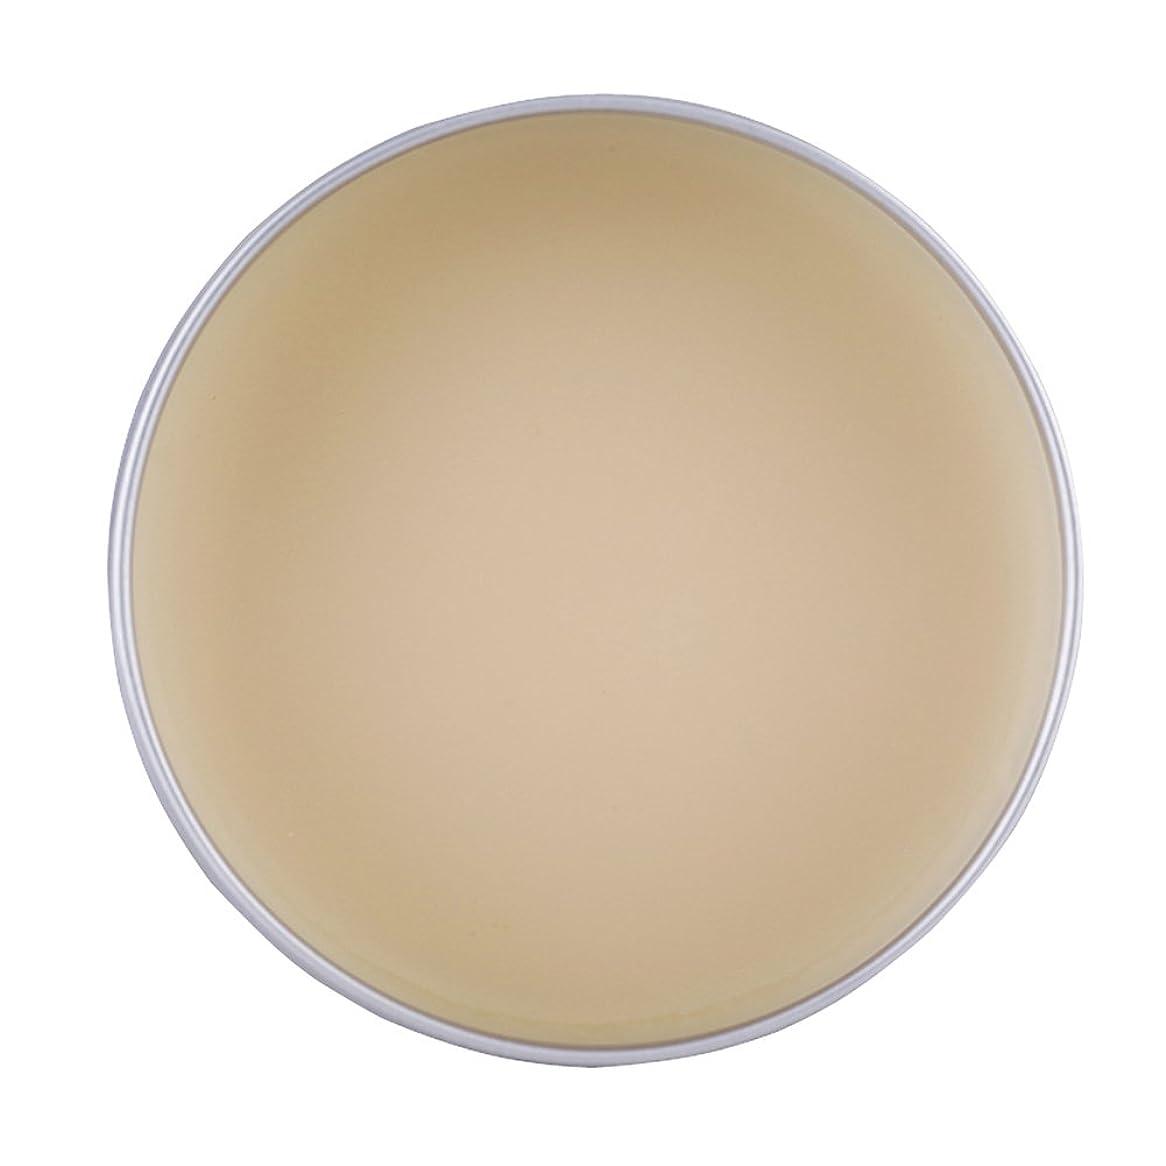 権利を与える手段対立5タイププロフェッショナル偽の創傷修復カバー瘢痕眉毛クリームワックスメイクアップ化粧品(2)